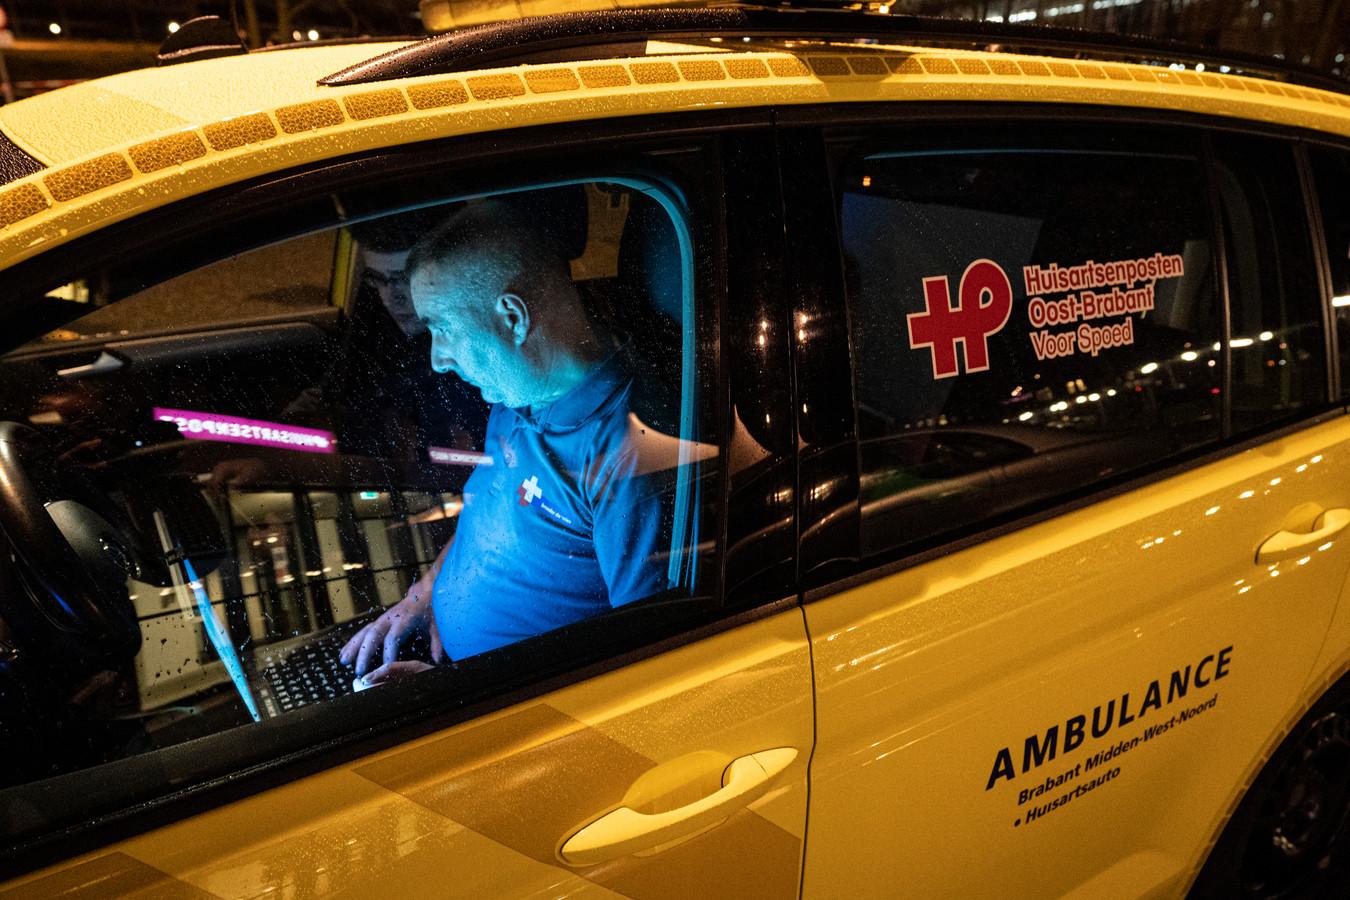 Nederland,  Den Bosch, ambulancewagen van huisposten Oostbrabant voor spoed zit te computeren voor het ziekenhuis